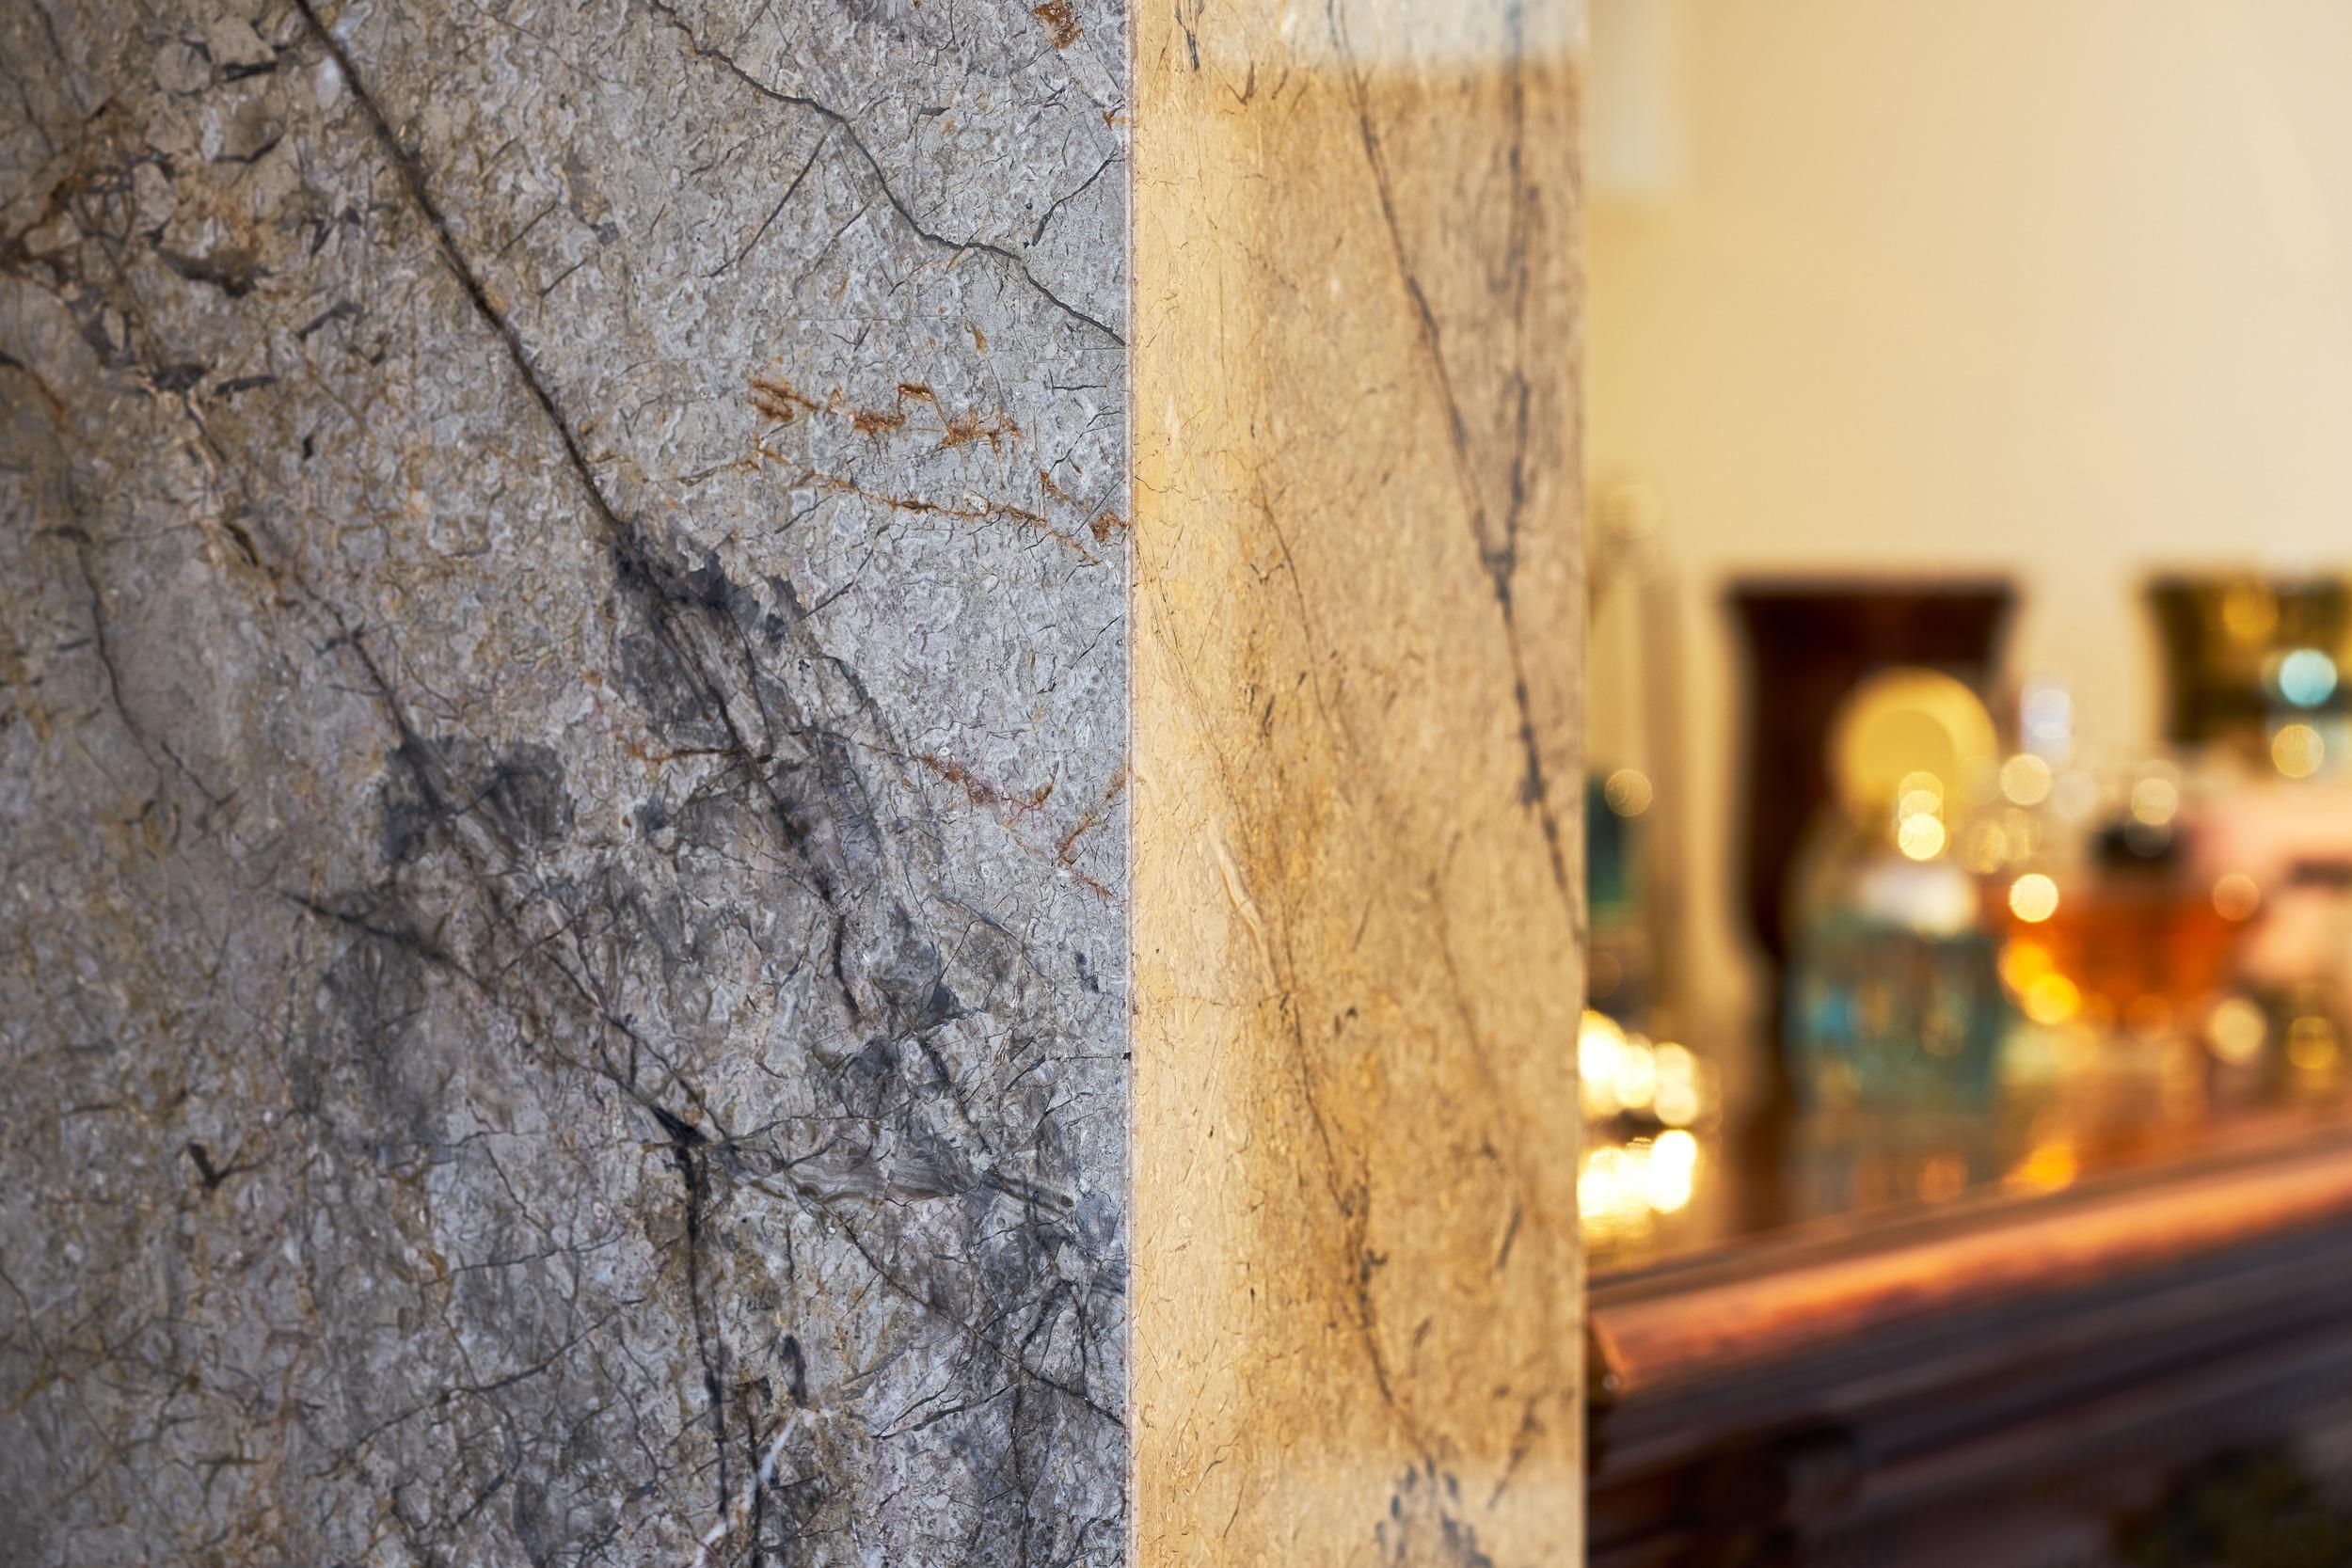 Große Wände aus Silver-Roots-Marmor verkleiden das extravagante Badezimmer. Ein spektakuläres Muster, wie silberne Wurzeln auf einem Waldboden.